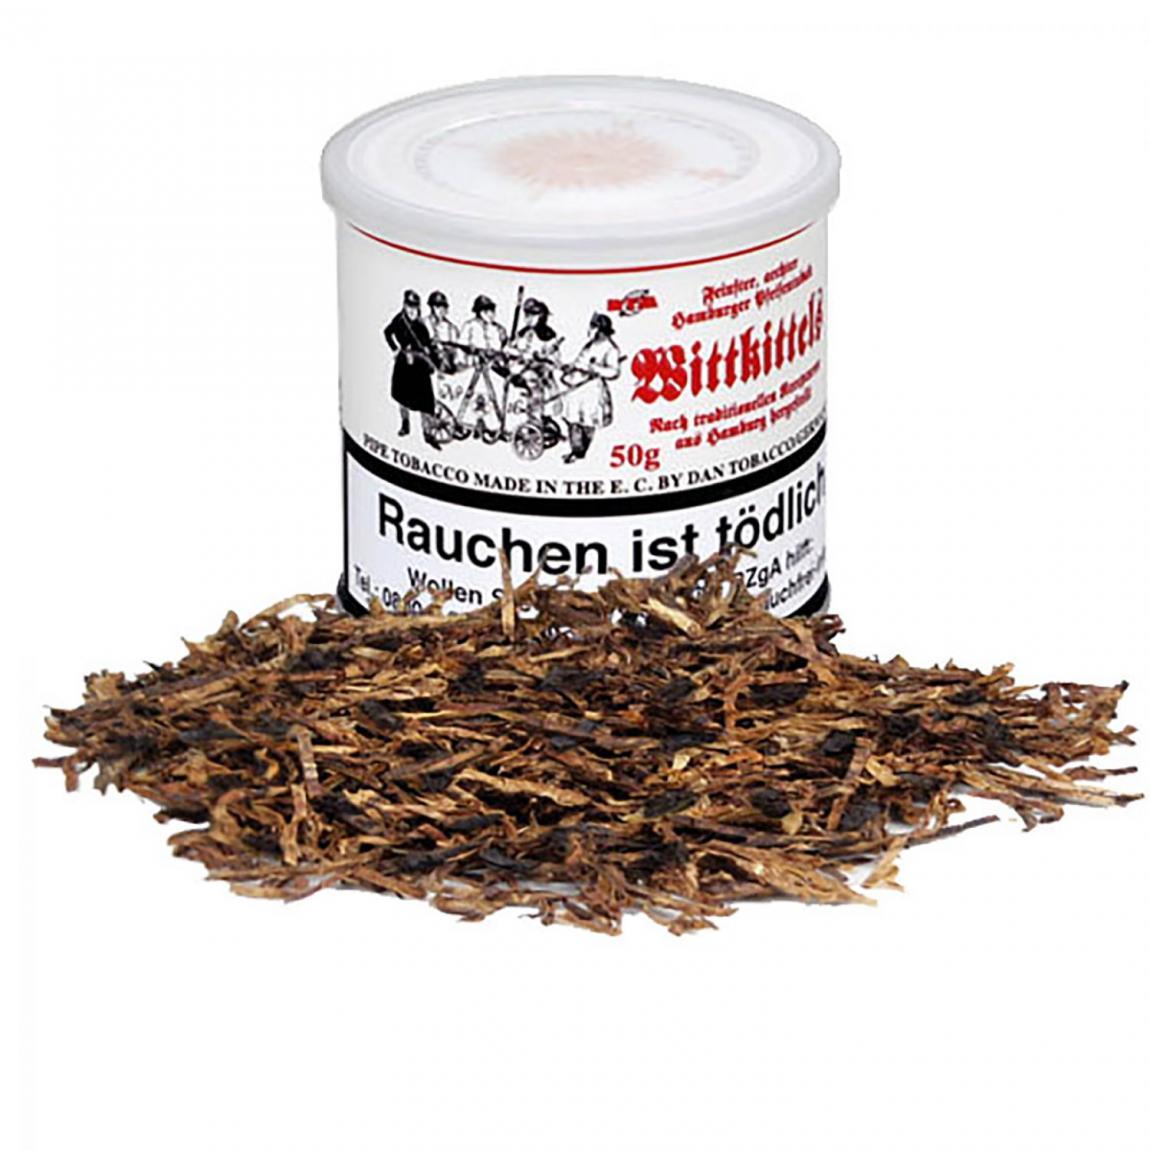 Hamburger Pfeifentabak Wittkittels - Ready Rubbed, sanftes Aroma